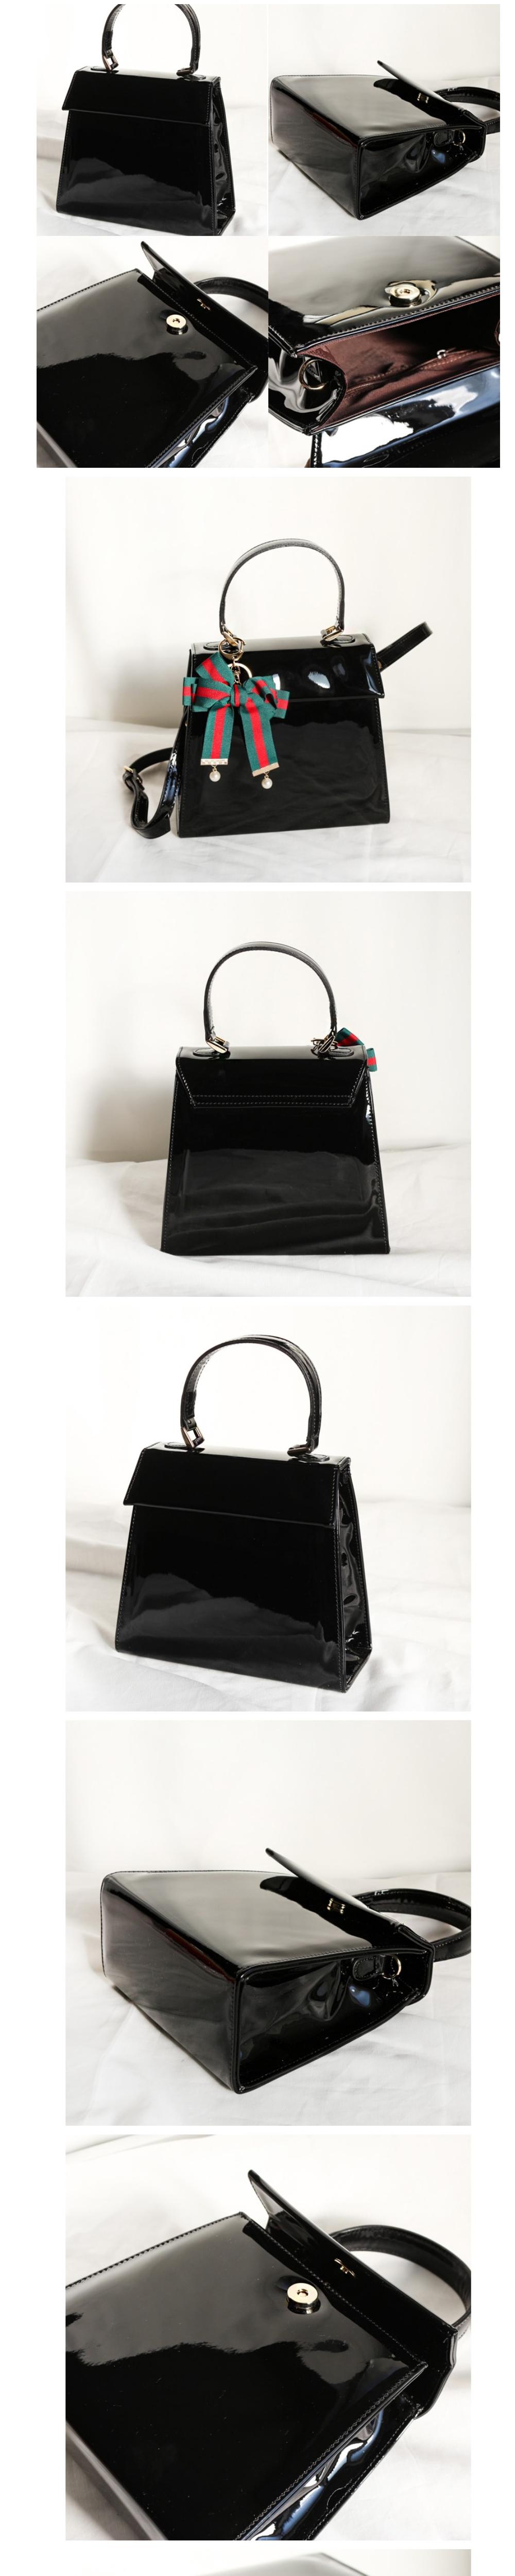 가방 차콜 색상 이미지-S5L25